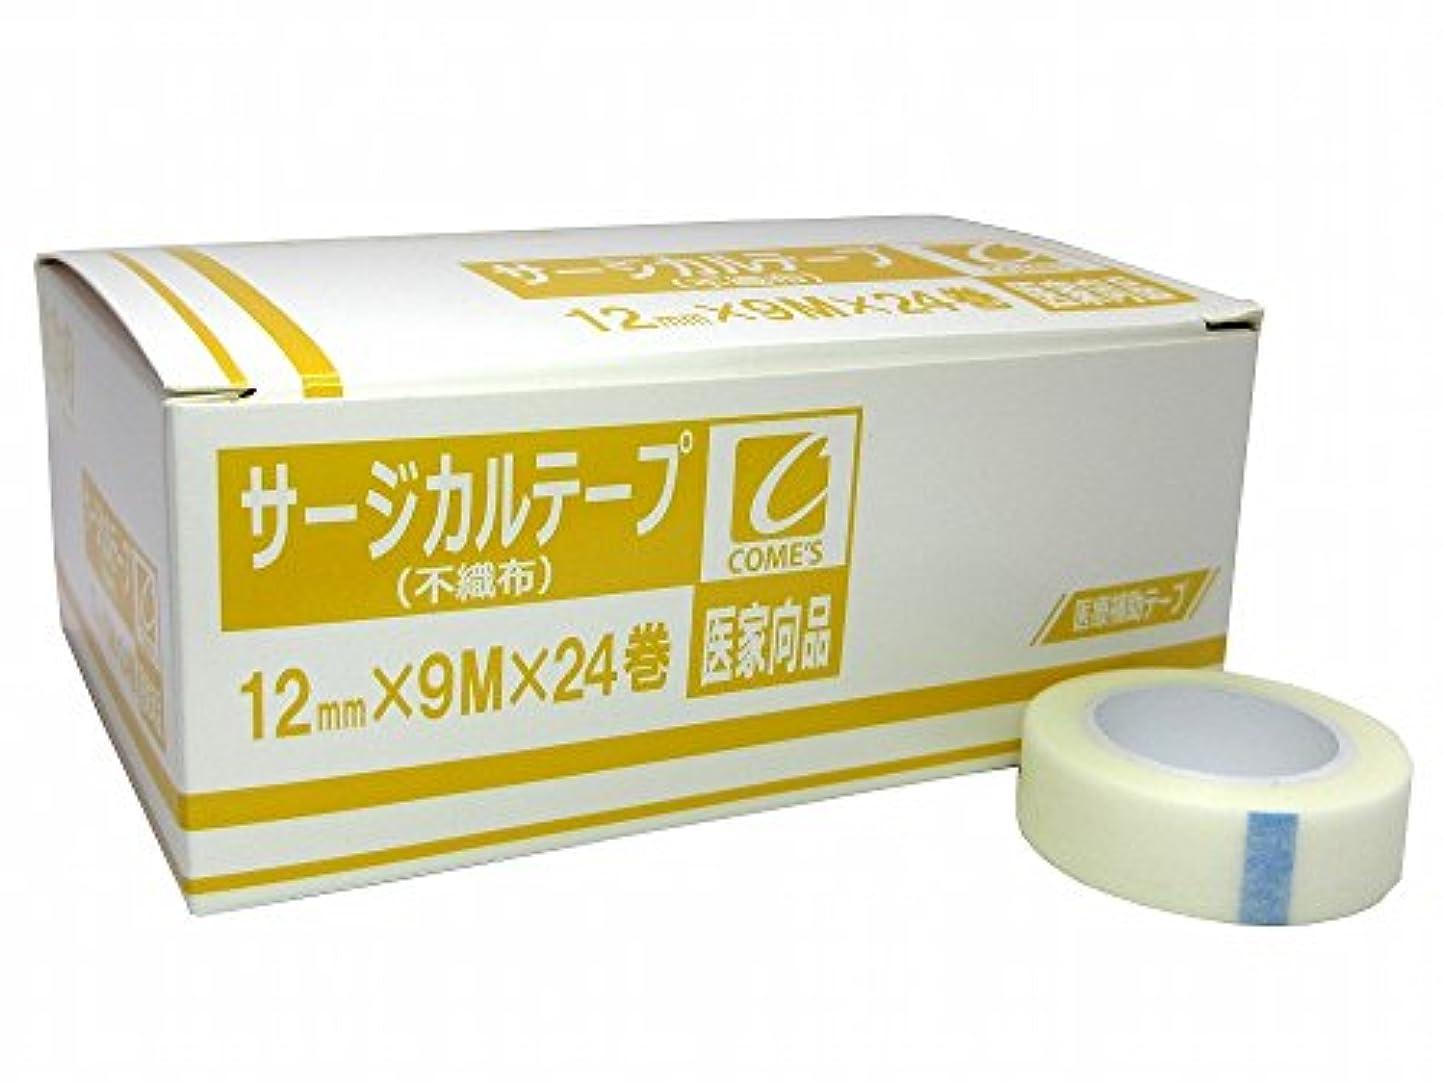 にやにや解放する異邦人サージカルテープ 不織布 12mm×9m×24巻 1箱(医家向品 医療用) コメス